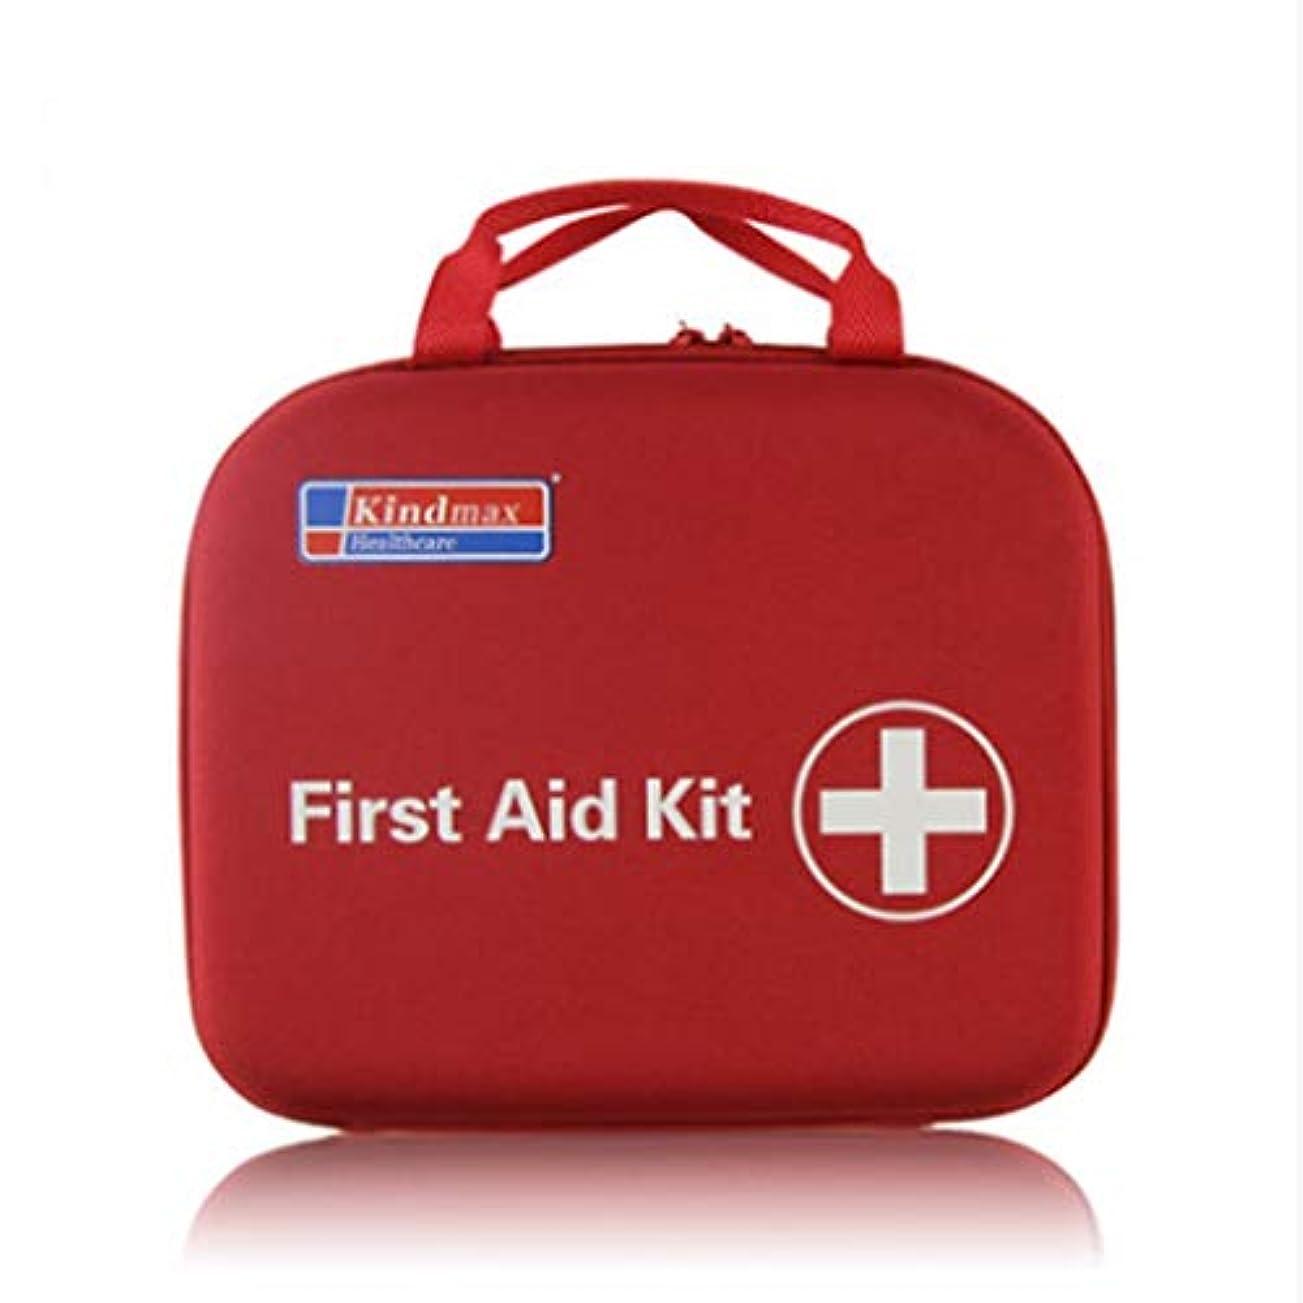 緊急用バッグ 携帯用緊急キット屋外救急箱ナイロン防水地震防災キット/ 25 x 21 x 6 cm HMMSP